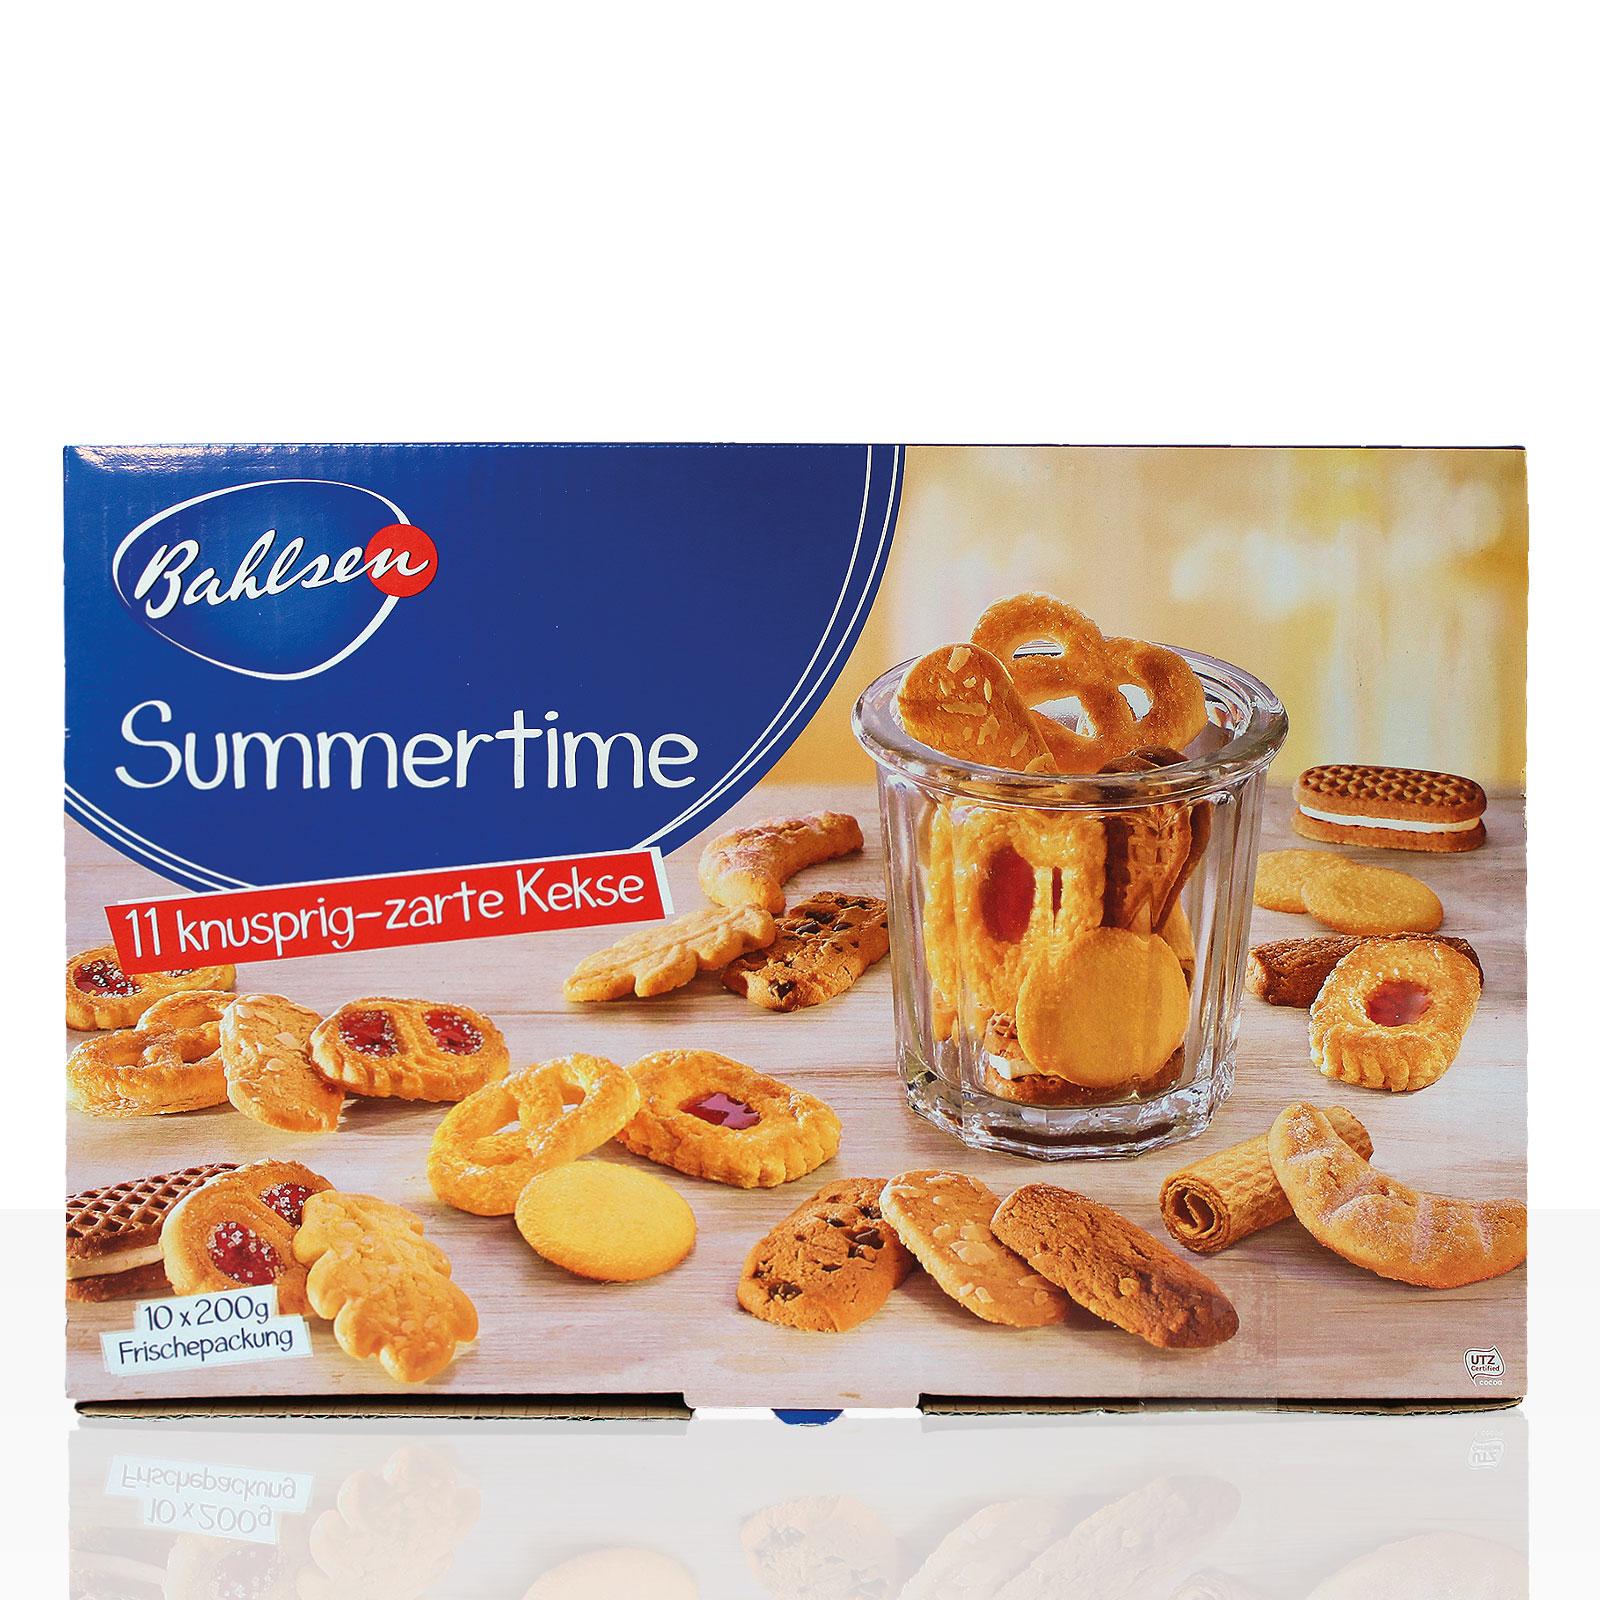 Bahlsen Kekse Summertime Gebäck 2kg, Box mit 11 Sorten